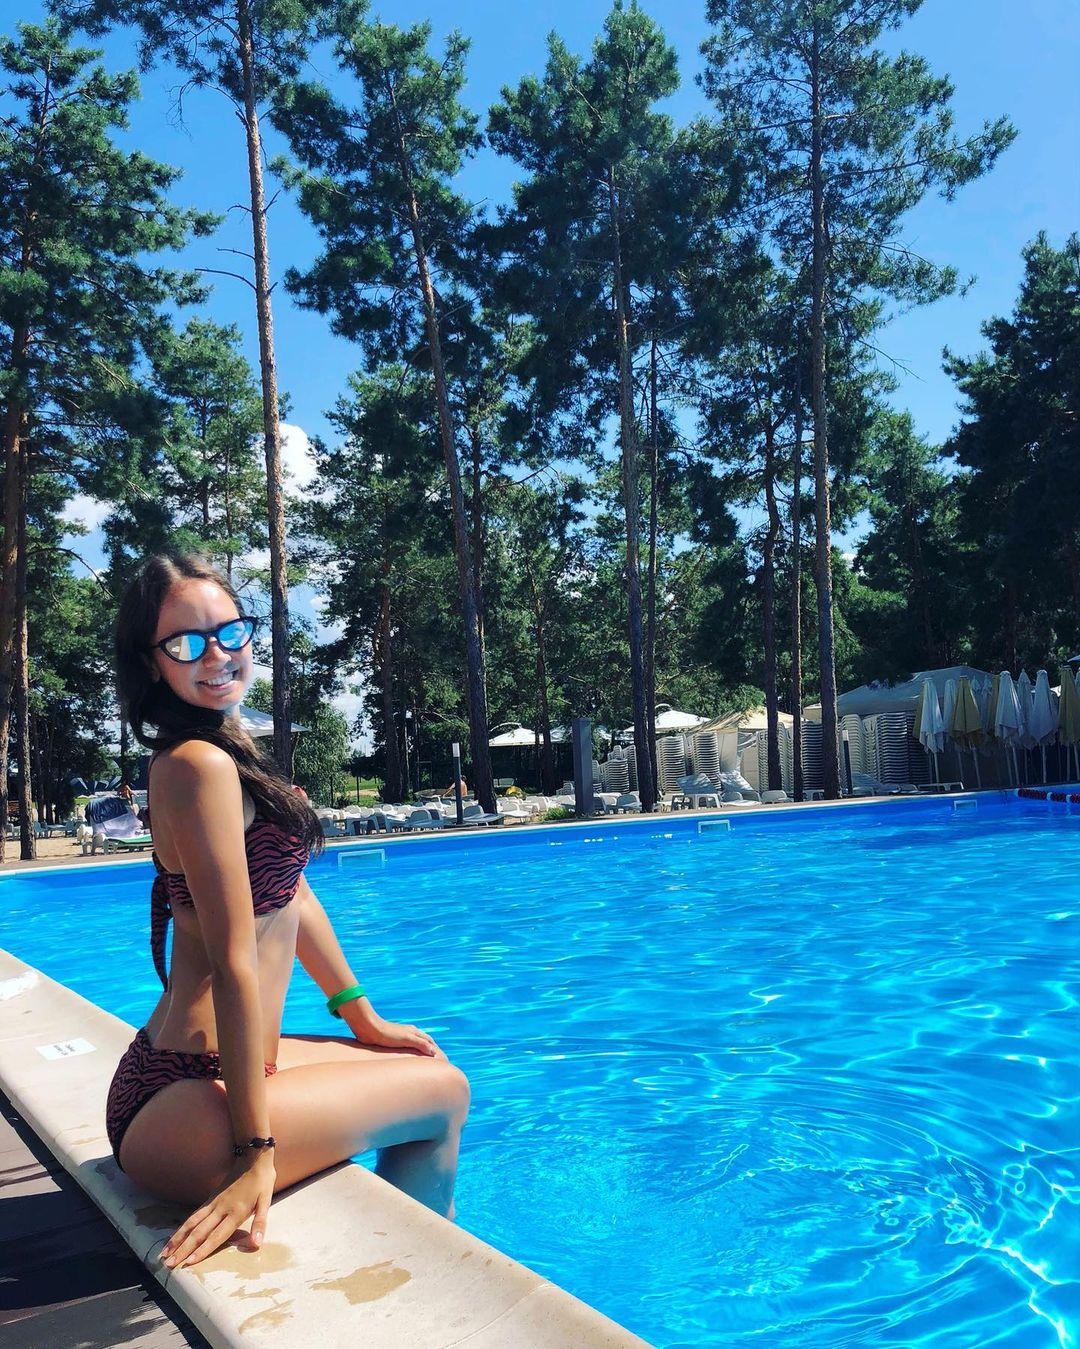 Украинская телеведущая поразила идеальной фигурой: восхитился даже олимпийский чемпион